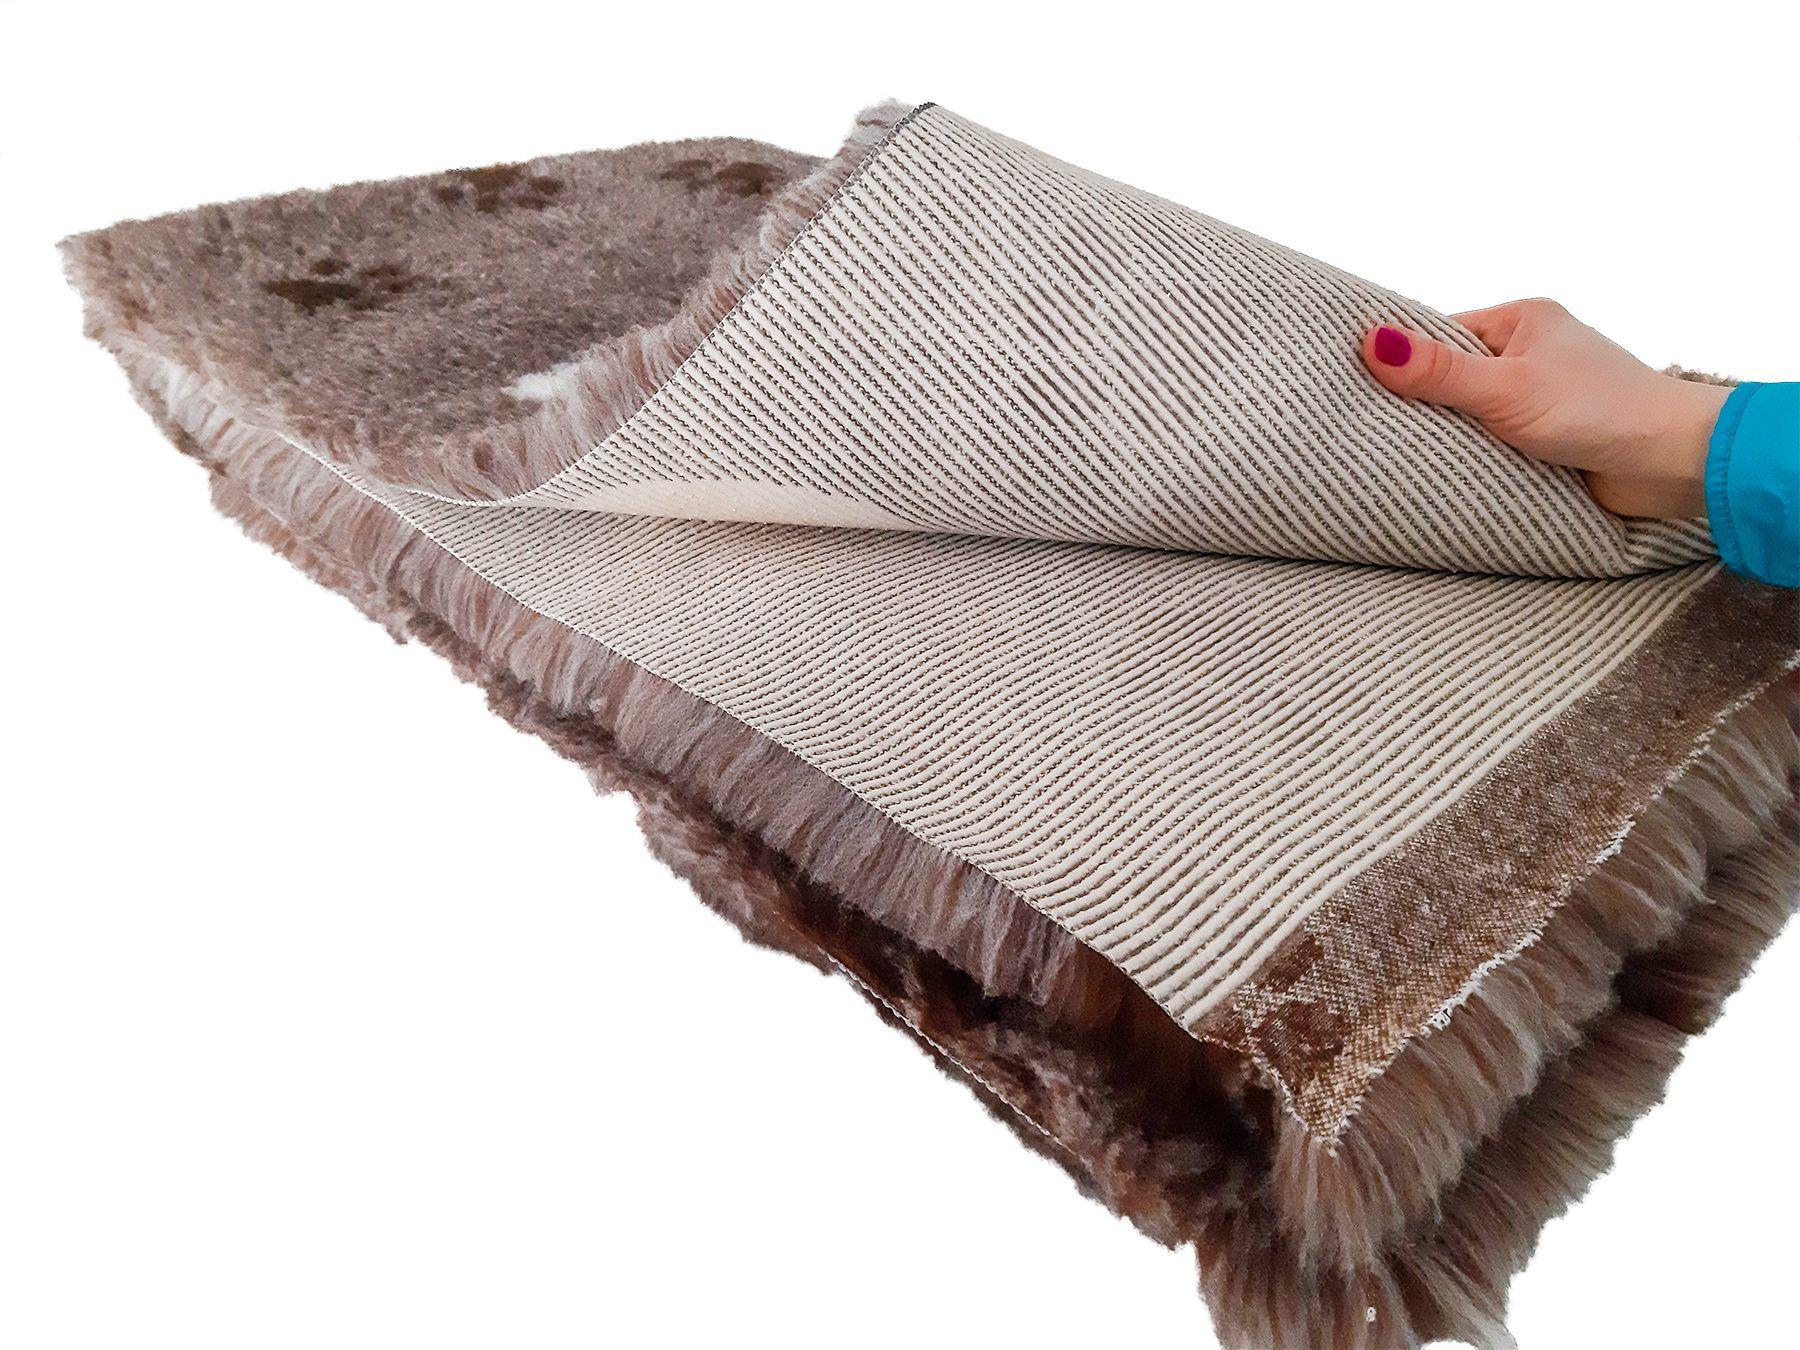 Posłanie legowisko - Dry Bed - typ A 2200g/m